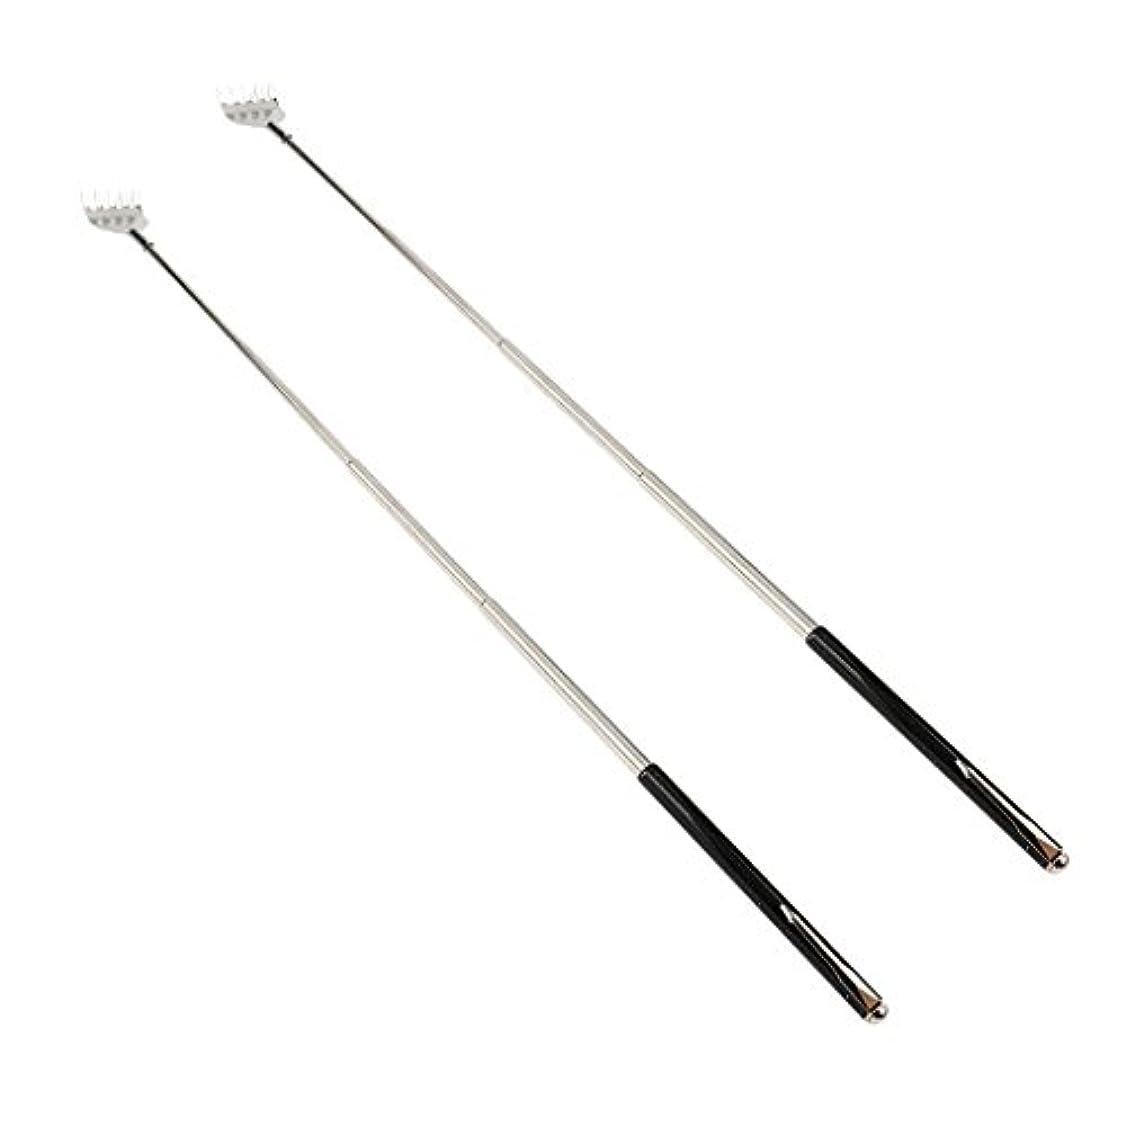 スタッフ見ました非武装化dailymall 2ピースバックスクラッチャー伸縮式爪拡張可能なかゆみハンドマッサージペンフック付き